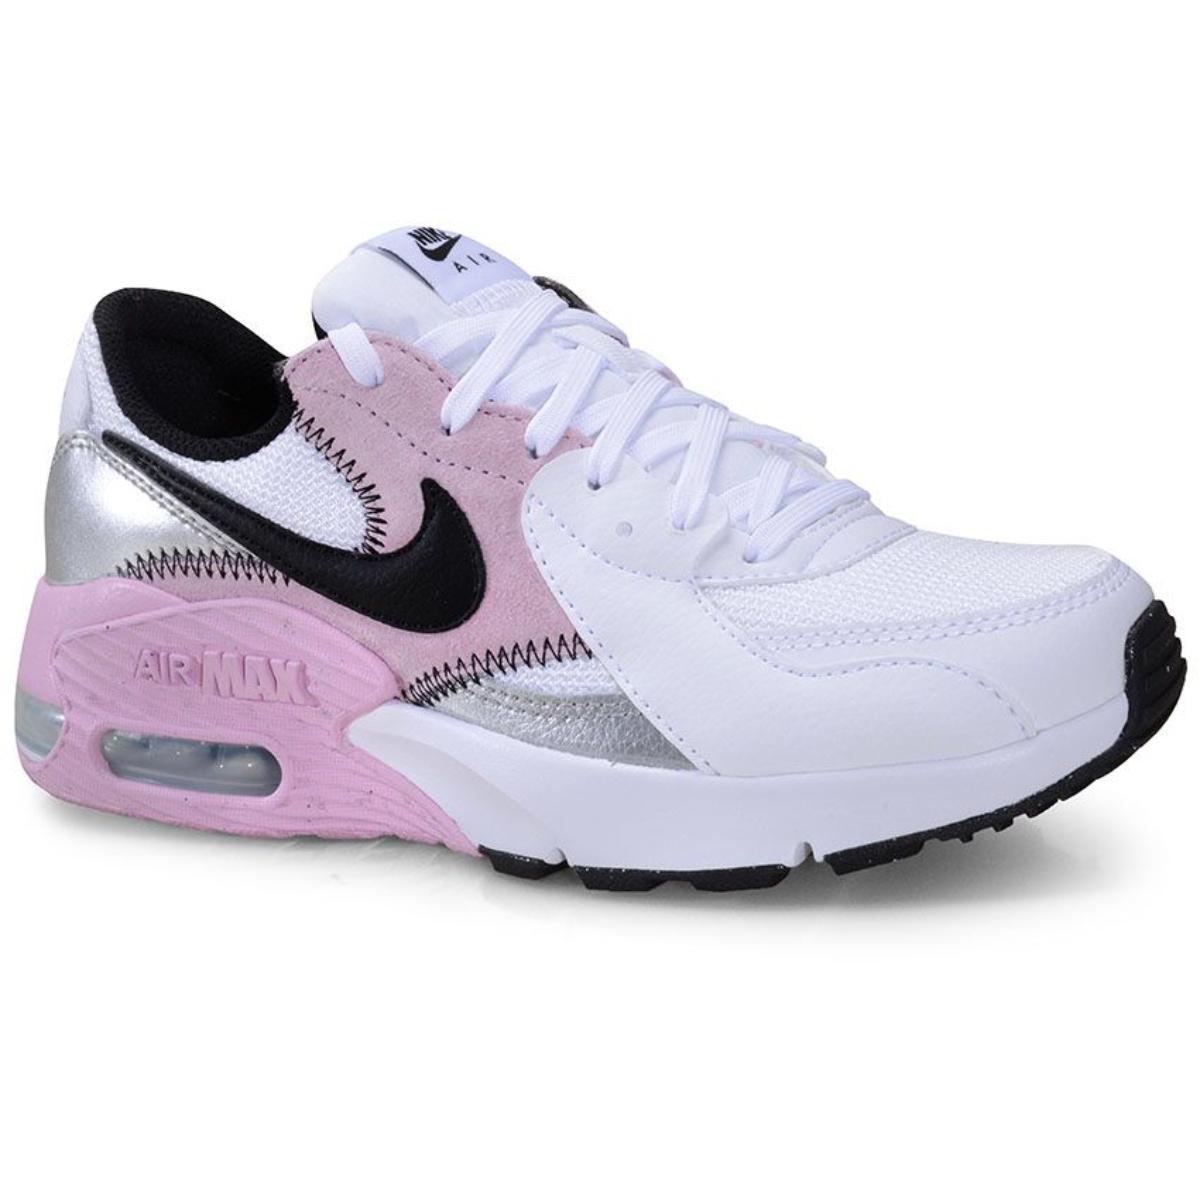 Tênis Feminino Nike Cd5432-109 Air Max Excee Branco/rosa/preto